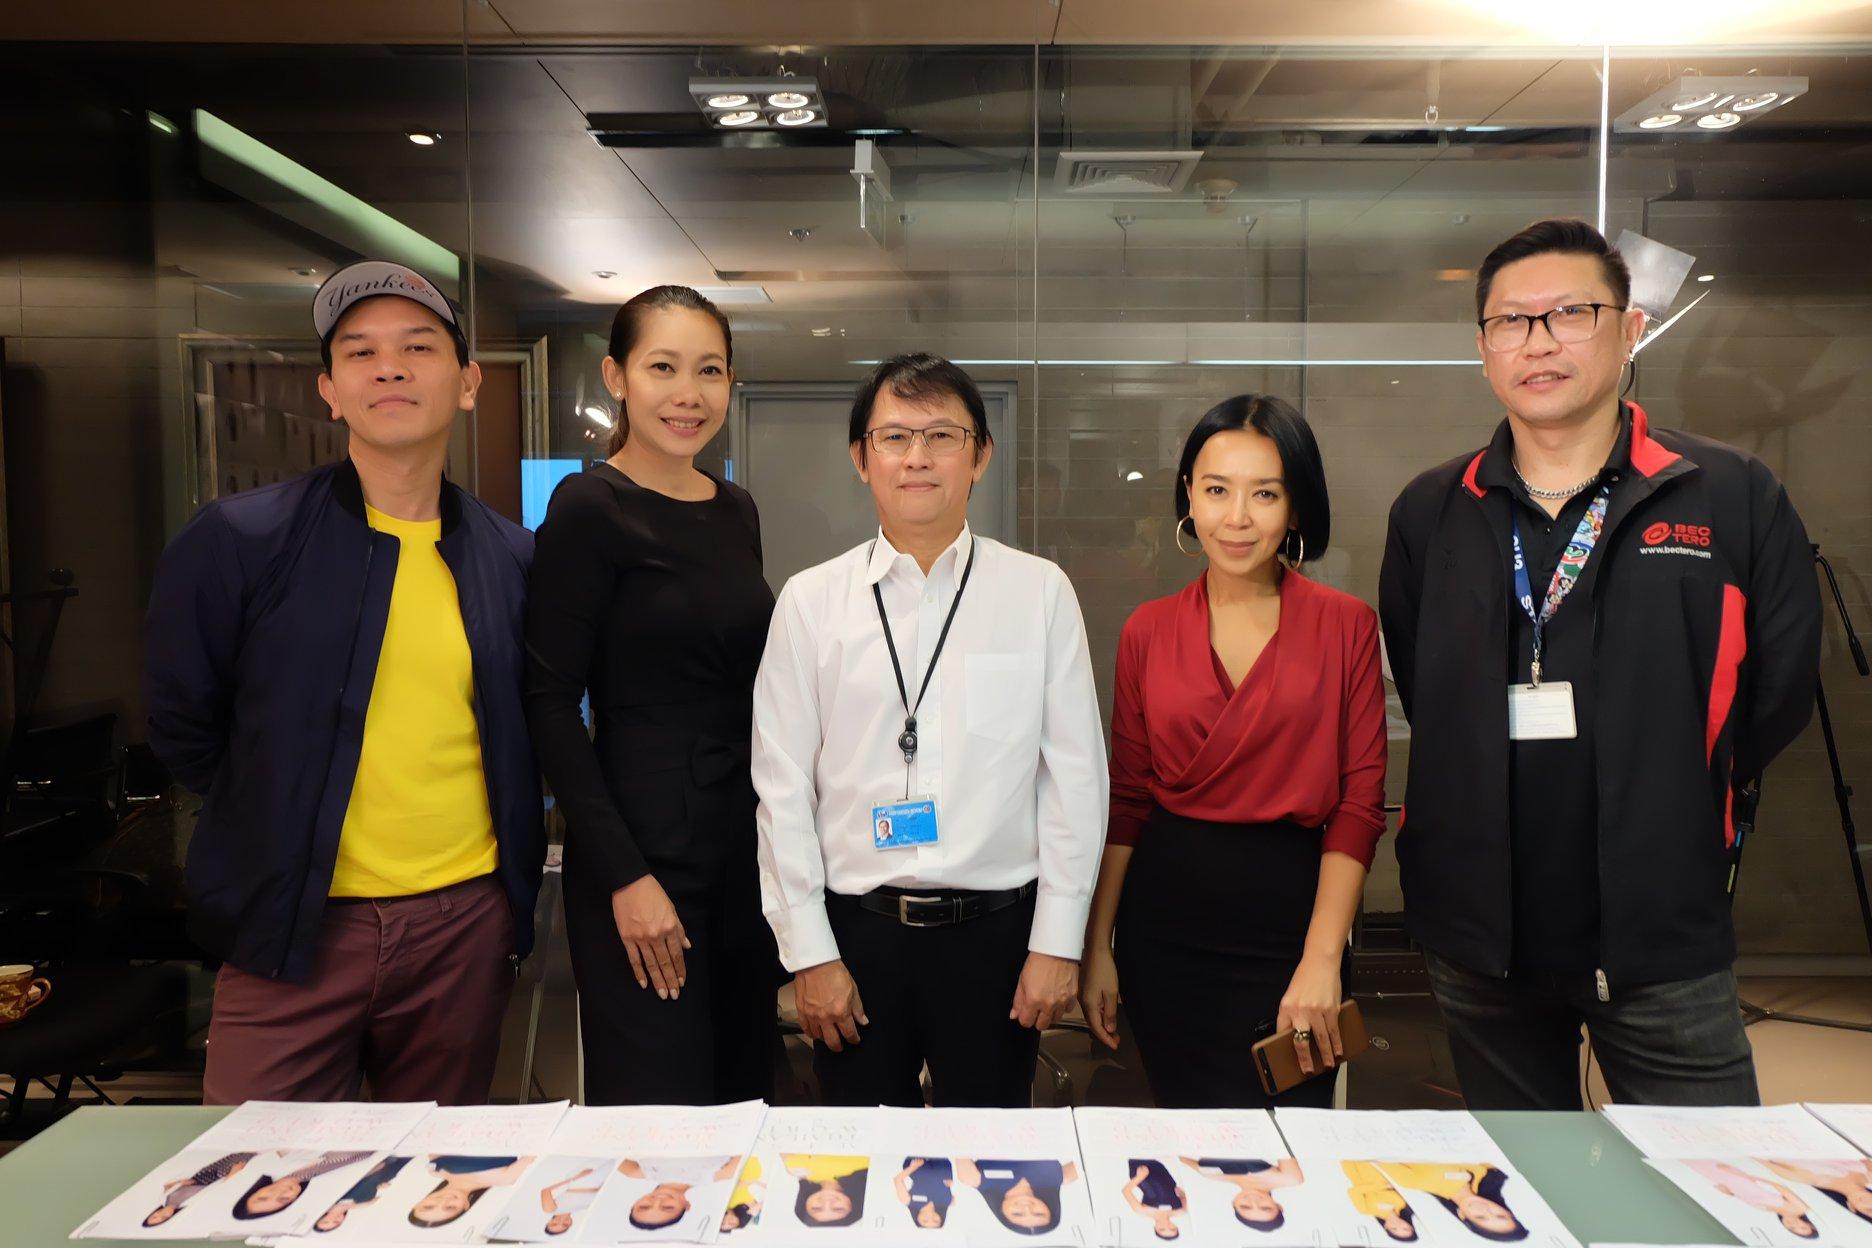 มิสไทยแลนด์เวิลด์ 2018 ประกาศผลผู้ผ่านรอบสัมภาษณ์ทั้ง 59 คน